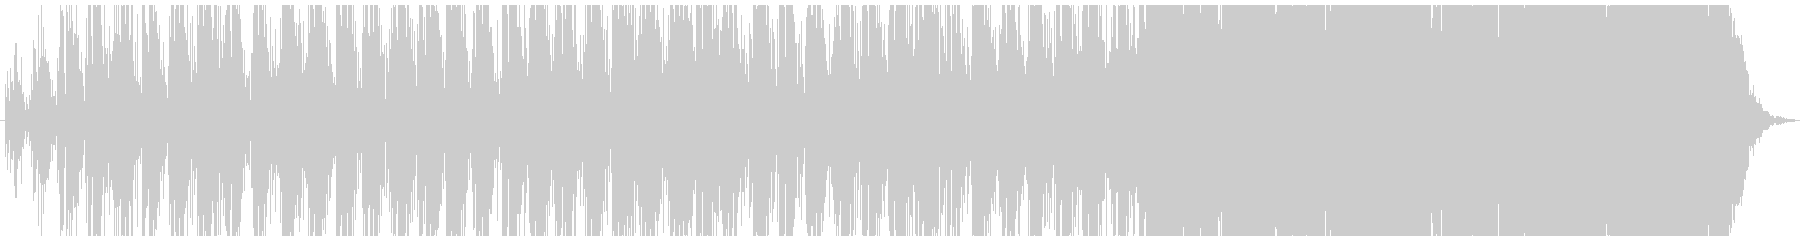 ブレイクビーツ 積極的 焦り 神経...の未再生の波形